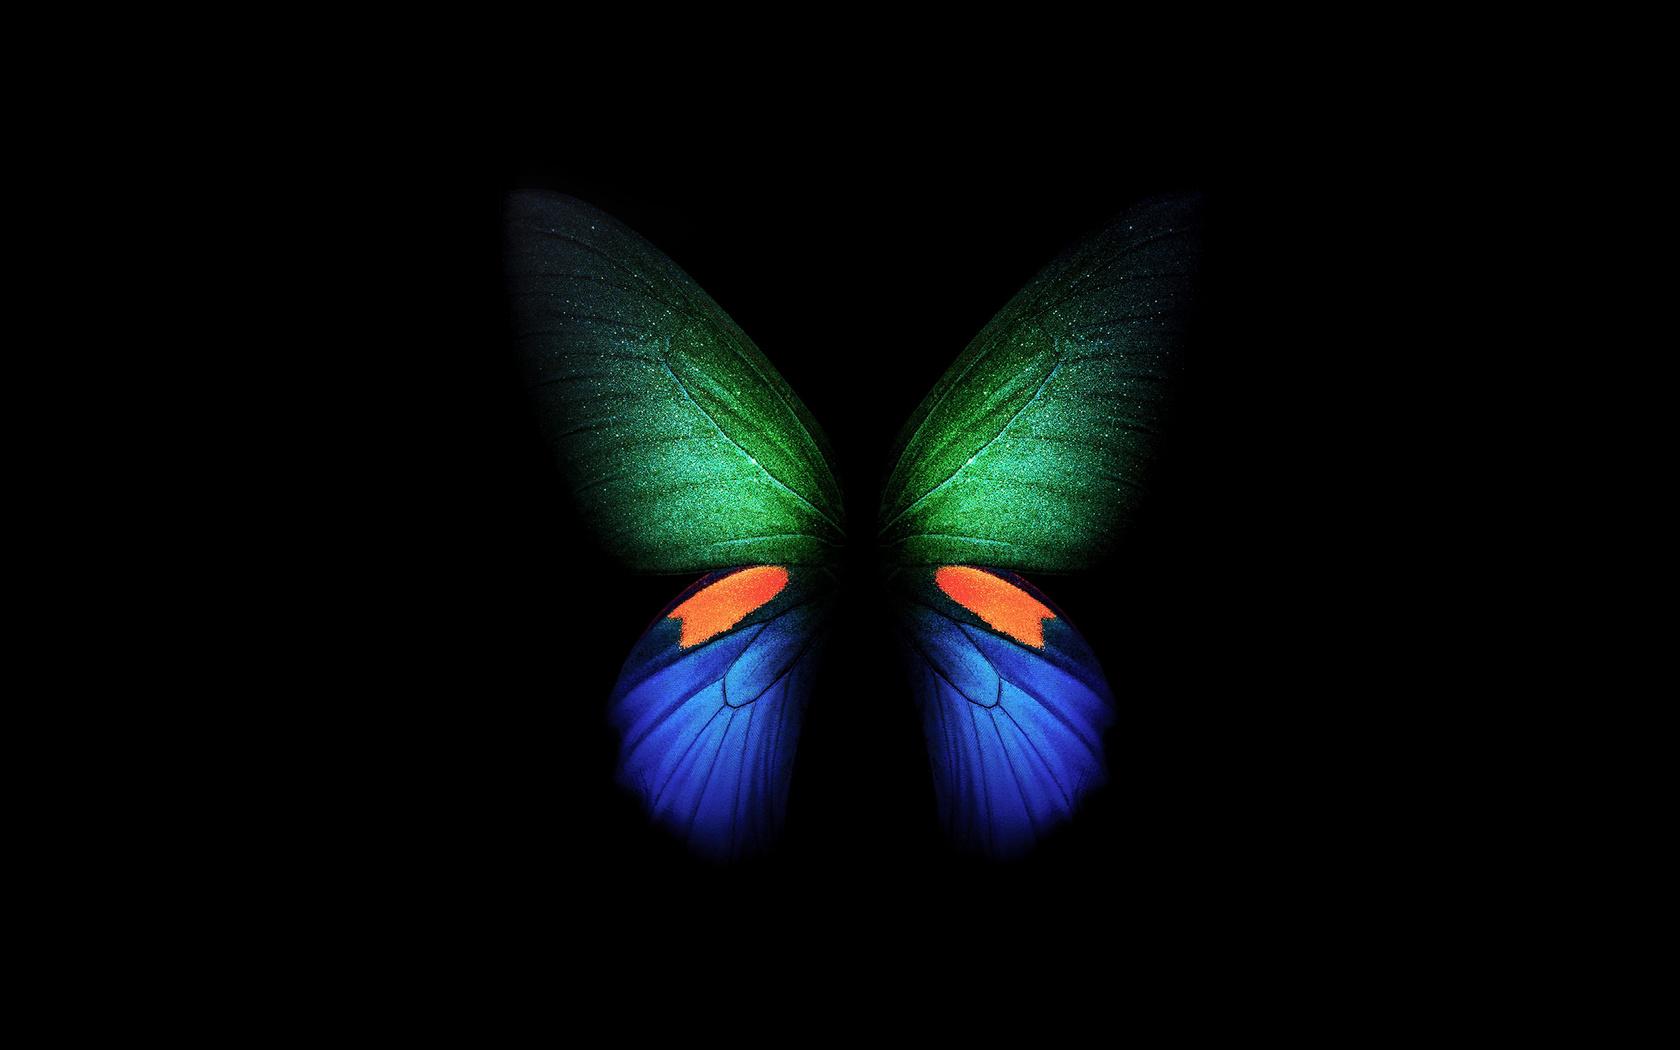 крылья, черный, фон, текстуры, минимализм